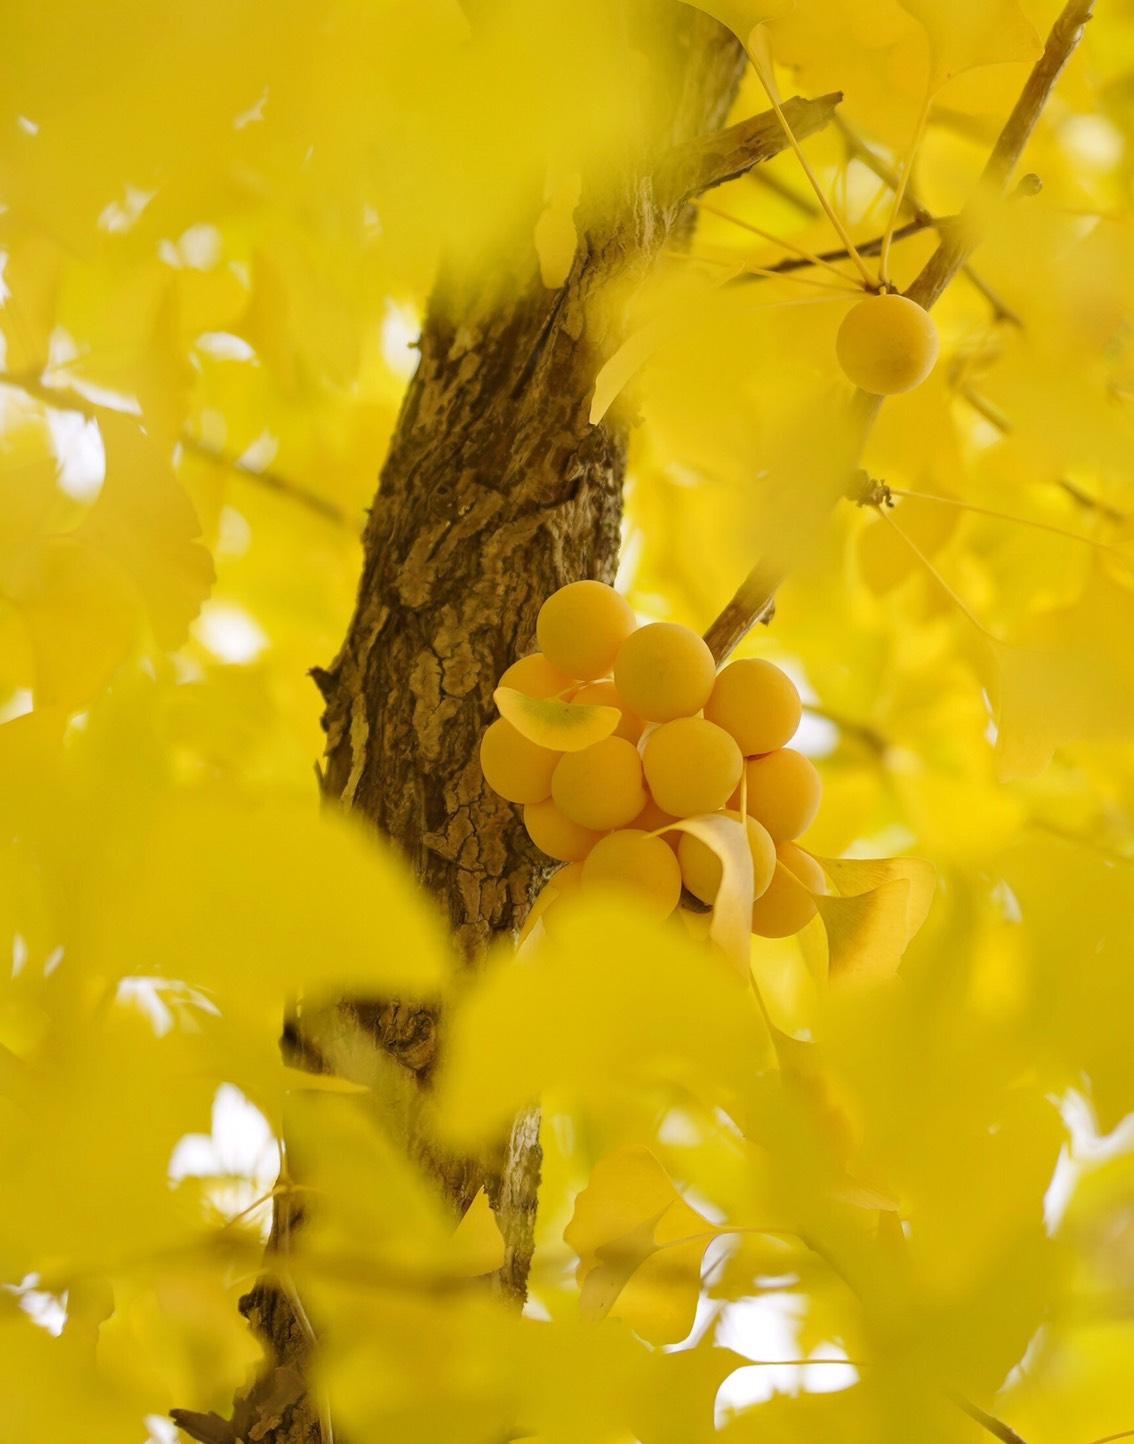 秋分の日画像